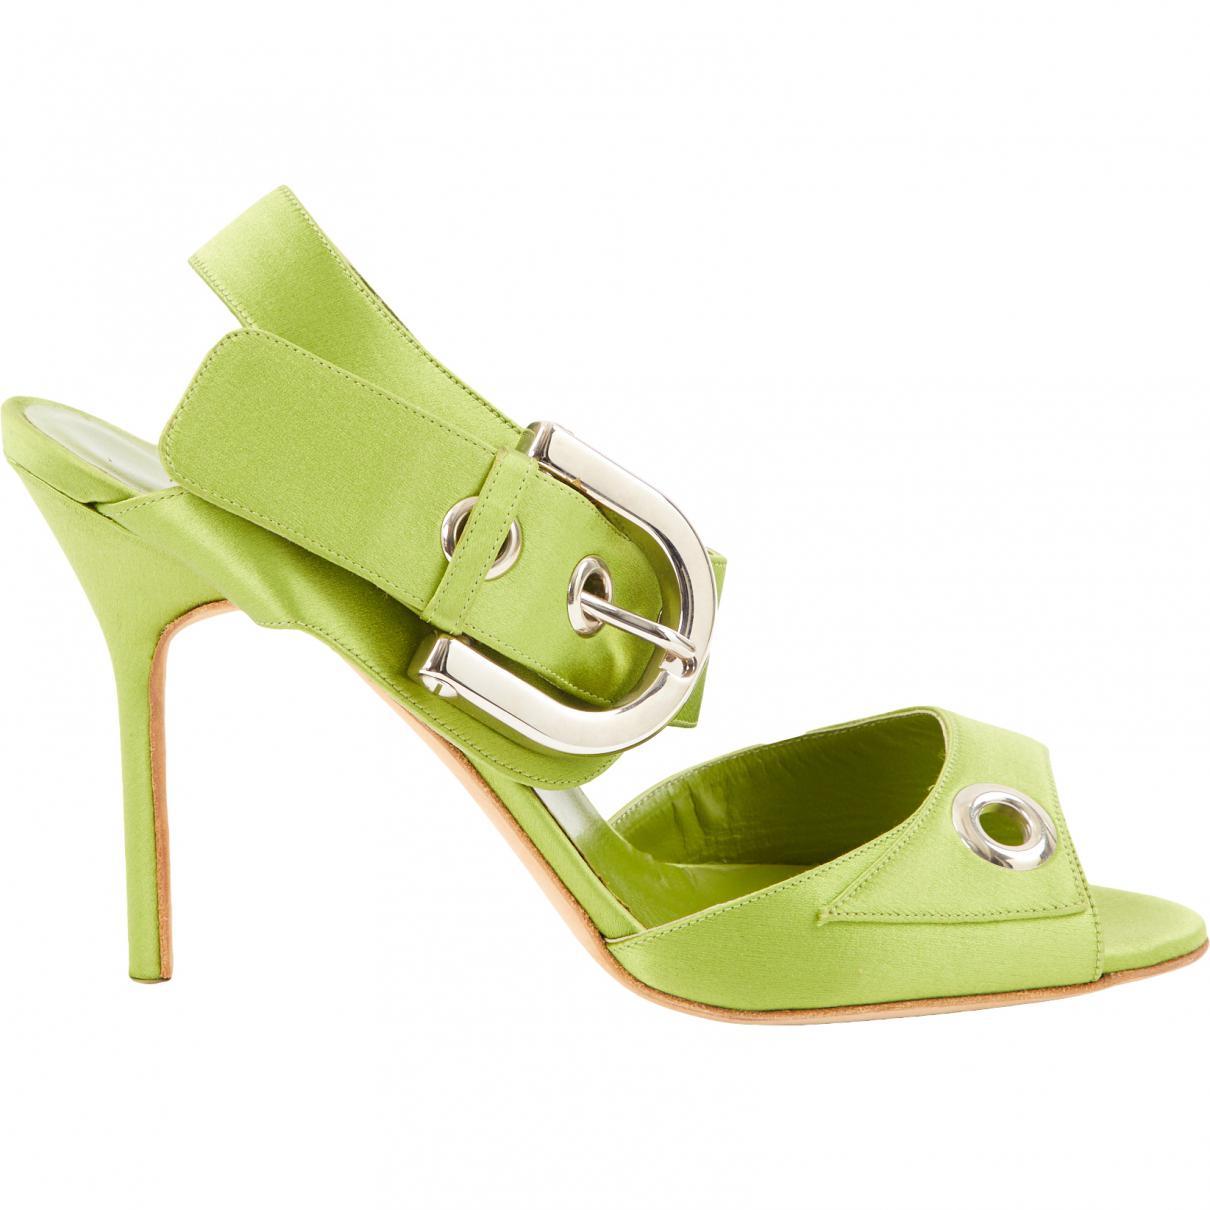 Pre-owned - Cloth sandal Manolo Blahnik bwMzhZac